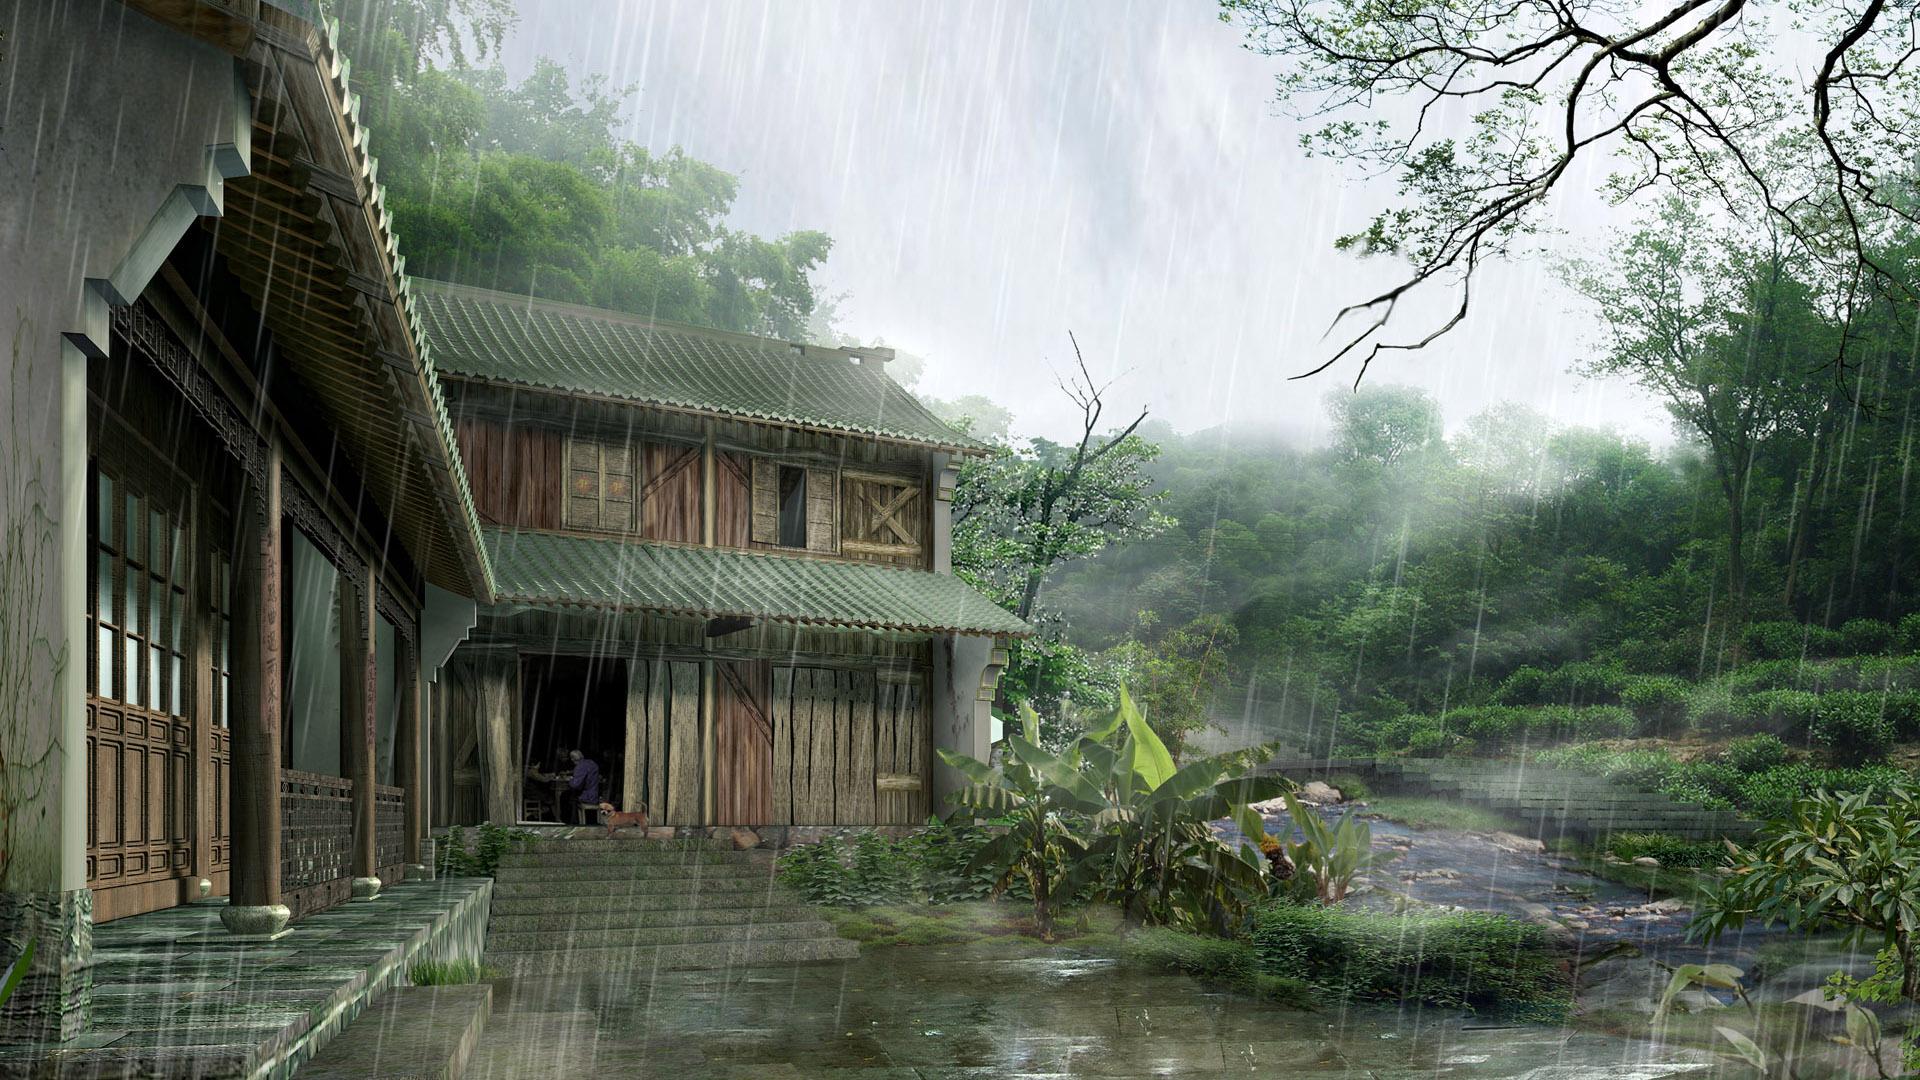 唯美意境雨景图片动态电脑桌面壁纸